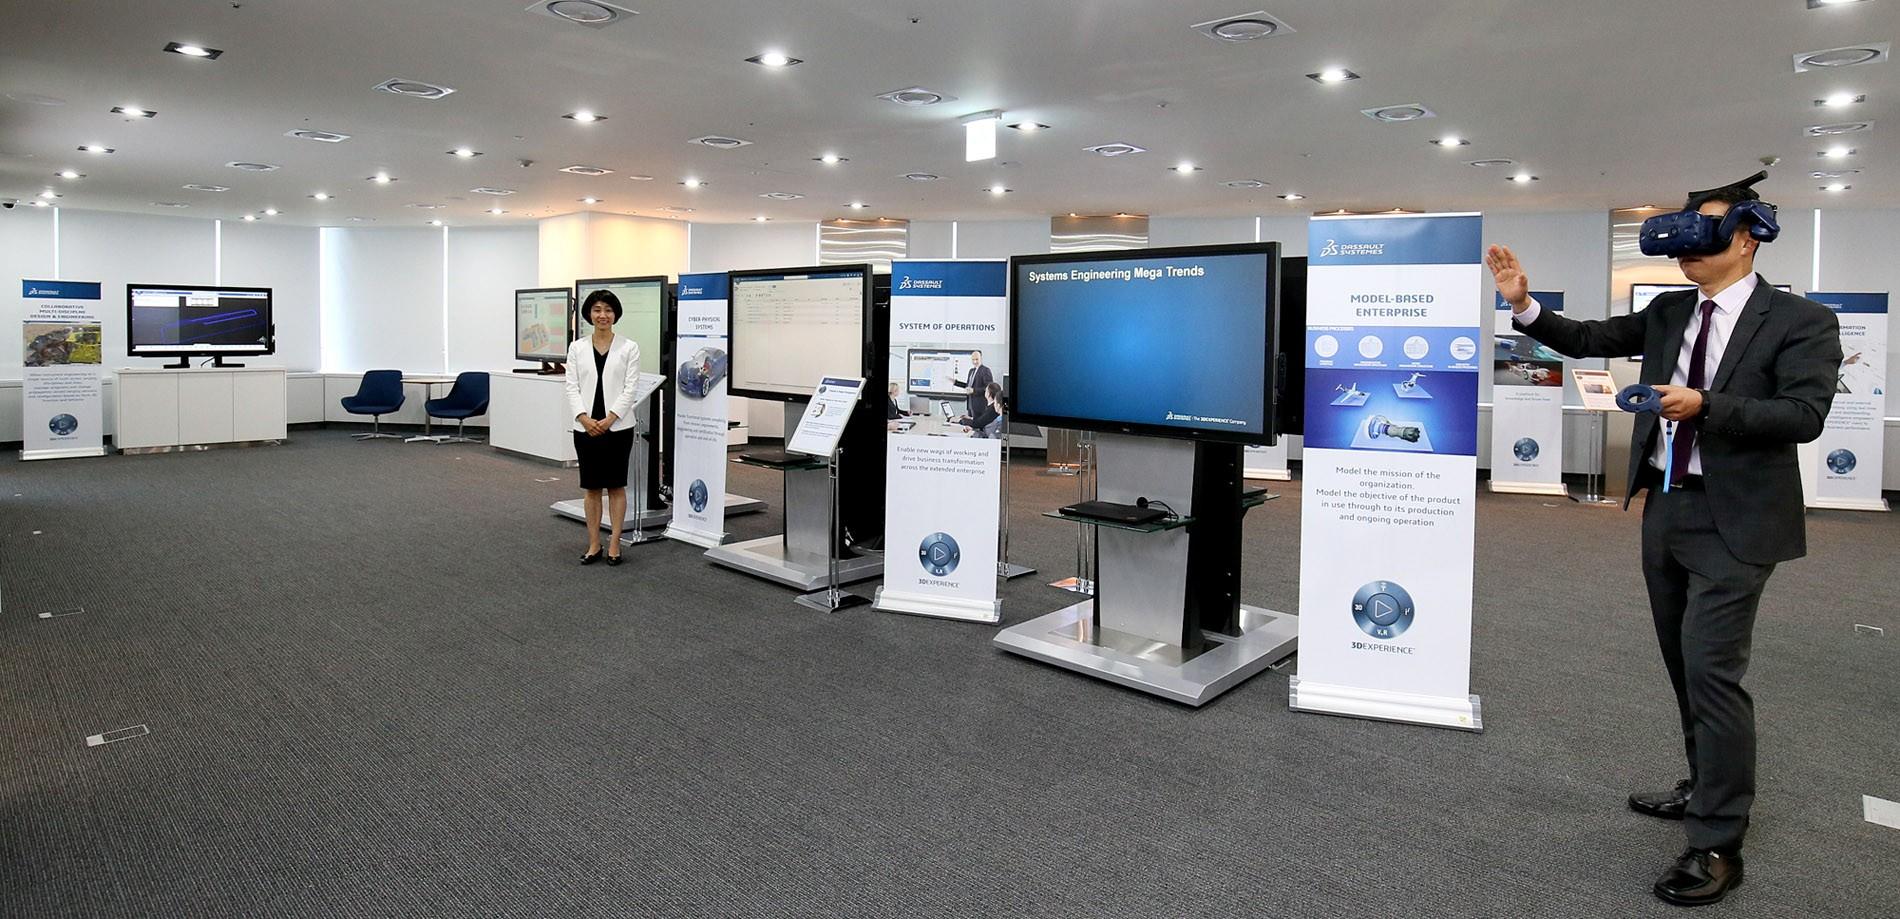 다쏘시스템이 서울에 개소한 3D익스피리언스 이그제큐티브 센터, 사진제공=다쏘시스템